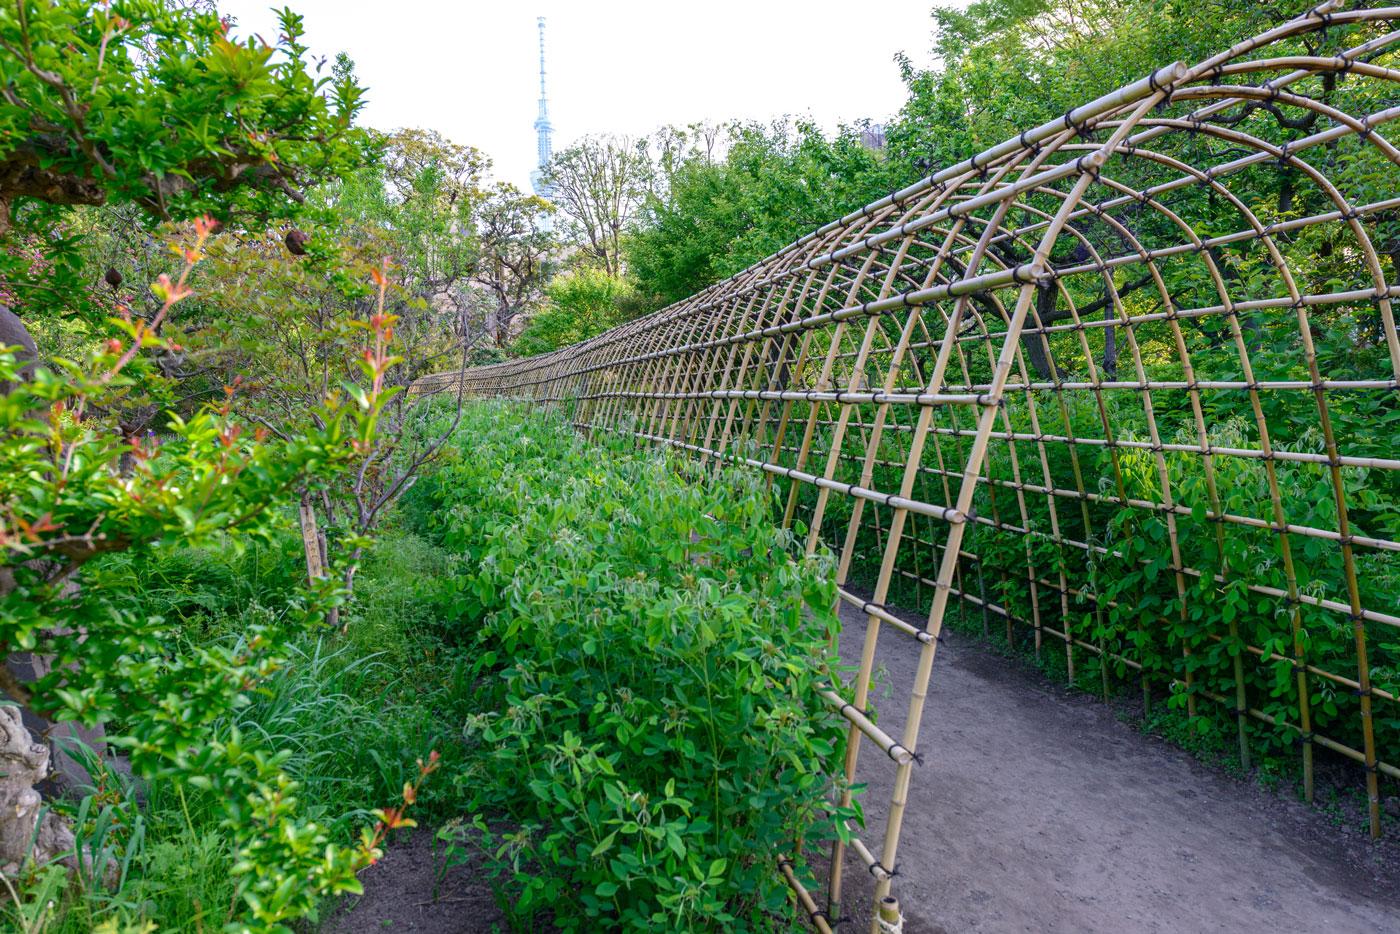 都立向島百花園9(萩のトンネル 30mにわたるお花のトンネルです)